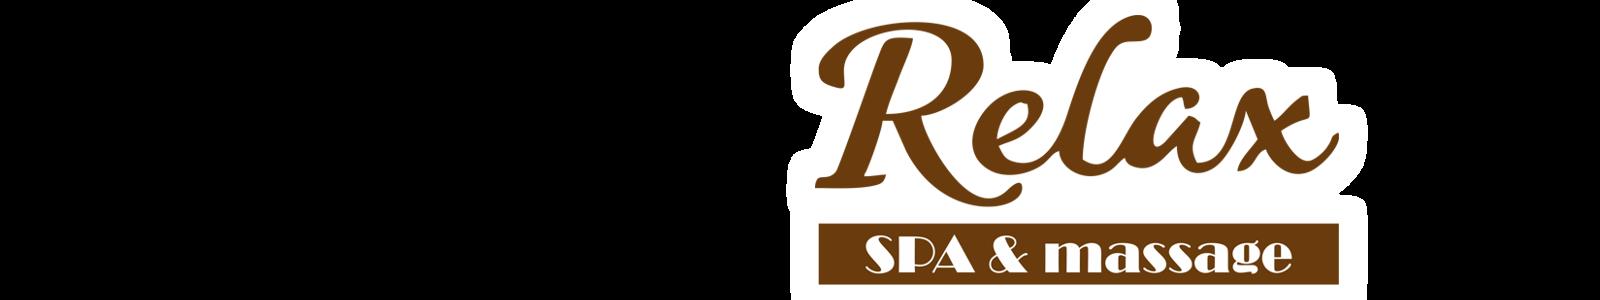 Relax - SPA & massage, п. Пойковский, Официальный сайт, Релакс, Салон массажа